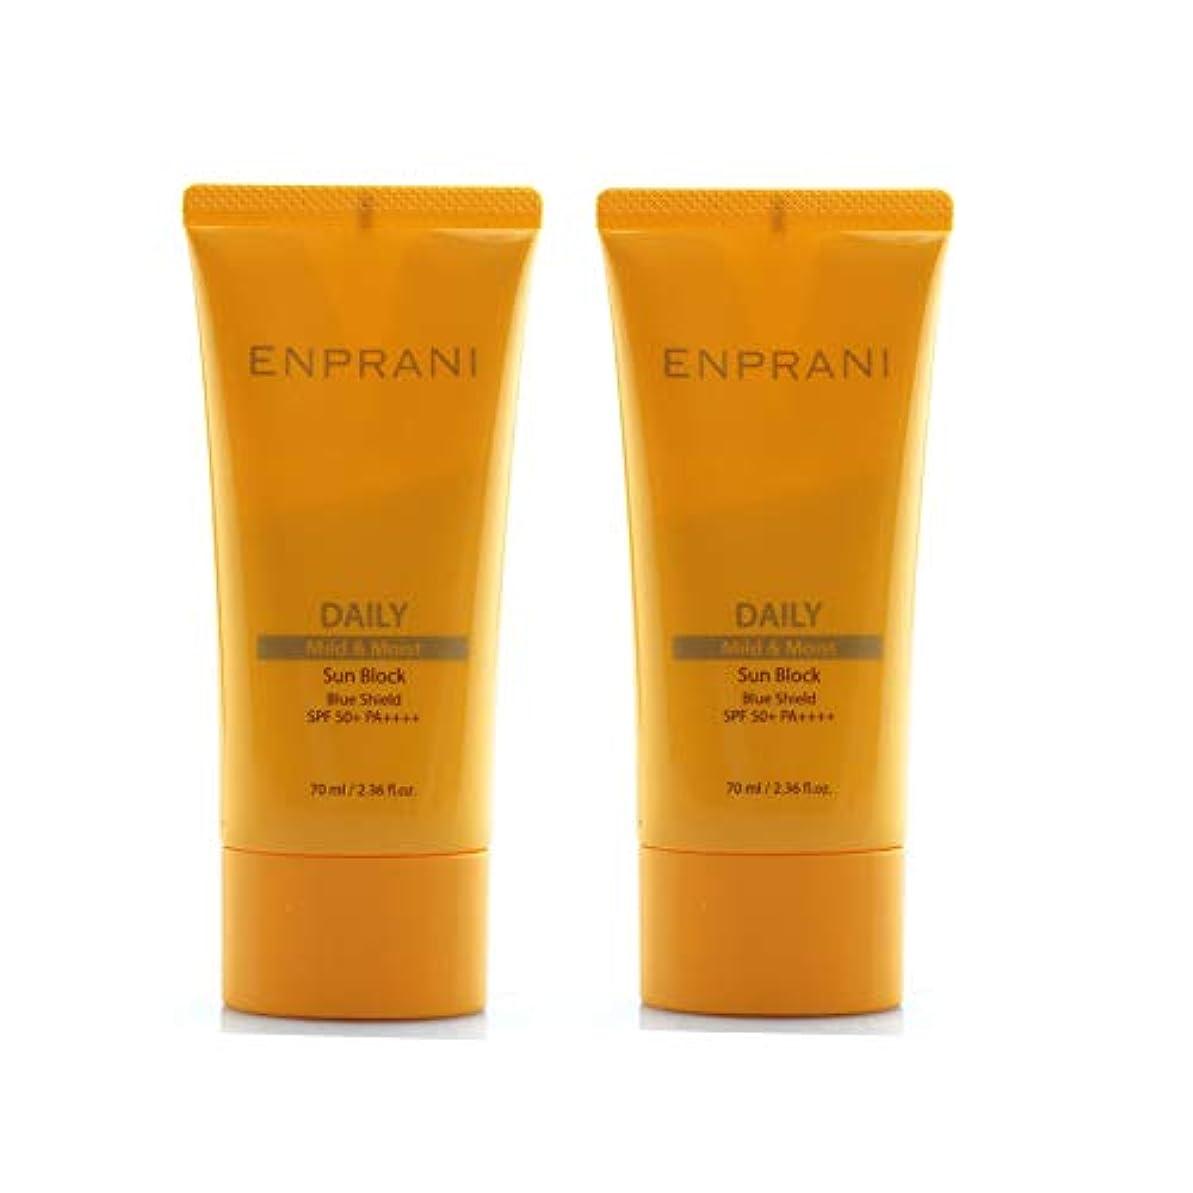 ロッジつかの間無限大エンプラニデイリーサンブロックSPF50+/ PA++++ 70mlx2本セットサンクリーム、Enprani Daily Sun Block SPF50+ / PA++++ 70ml x 2ea Set Sun Cream [並行輸入品]